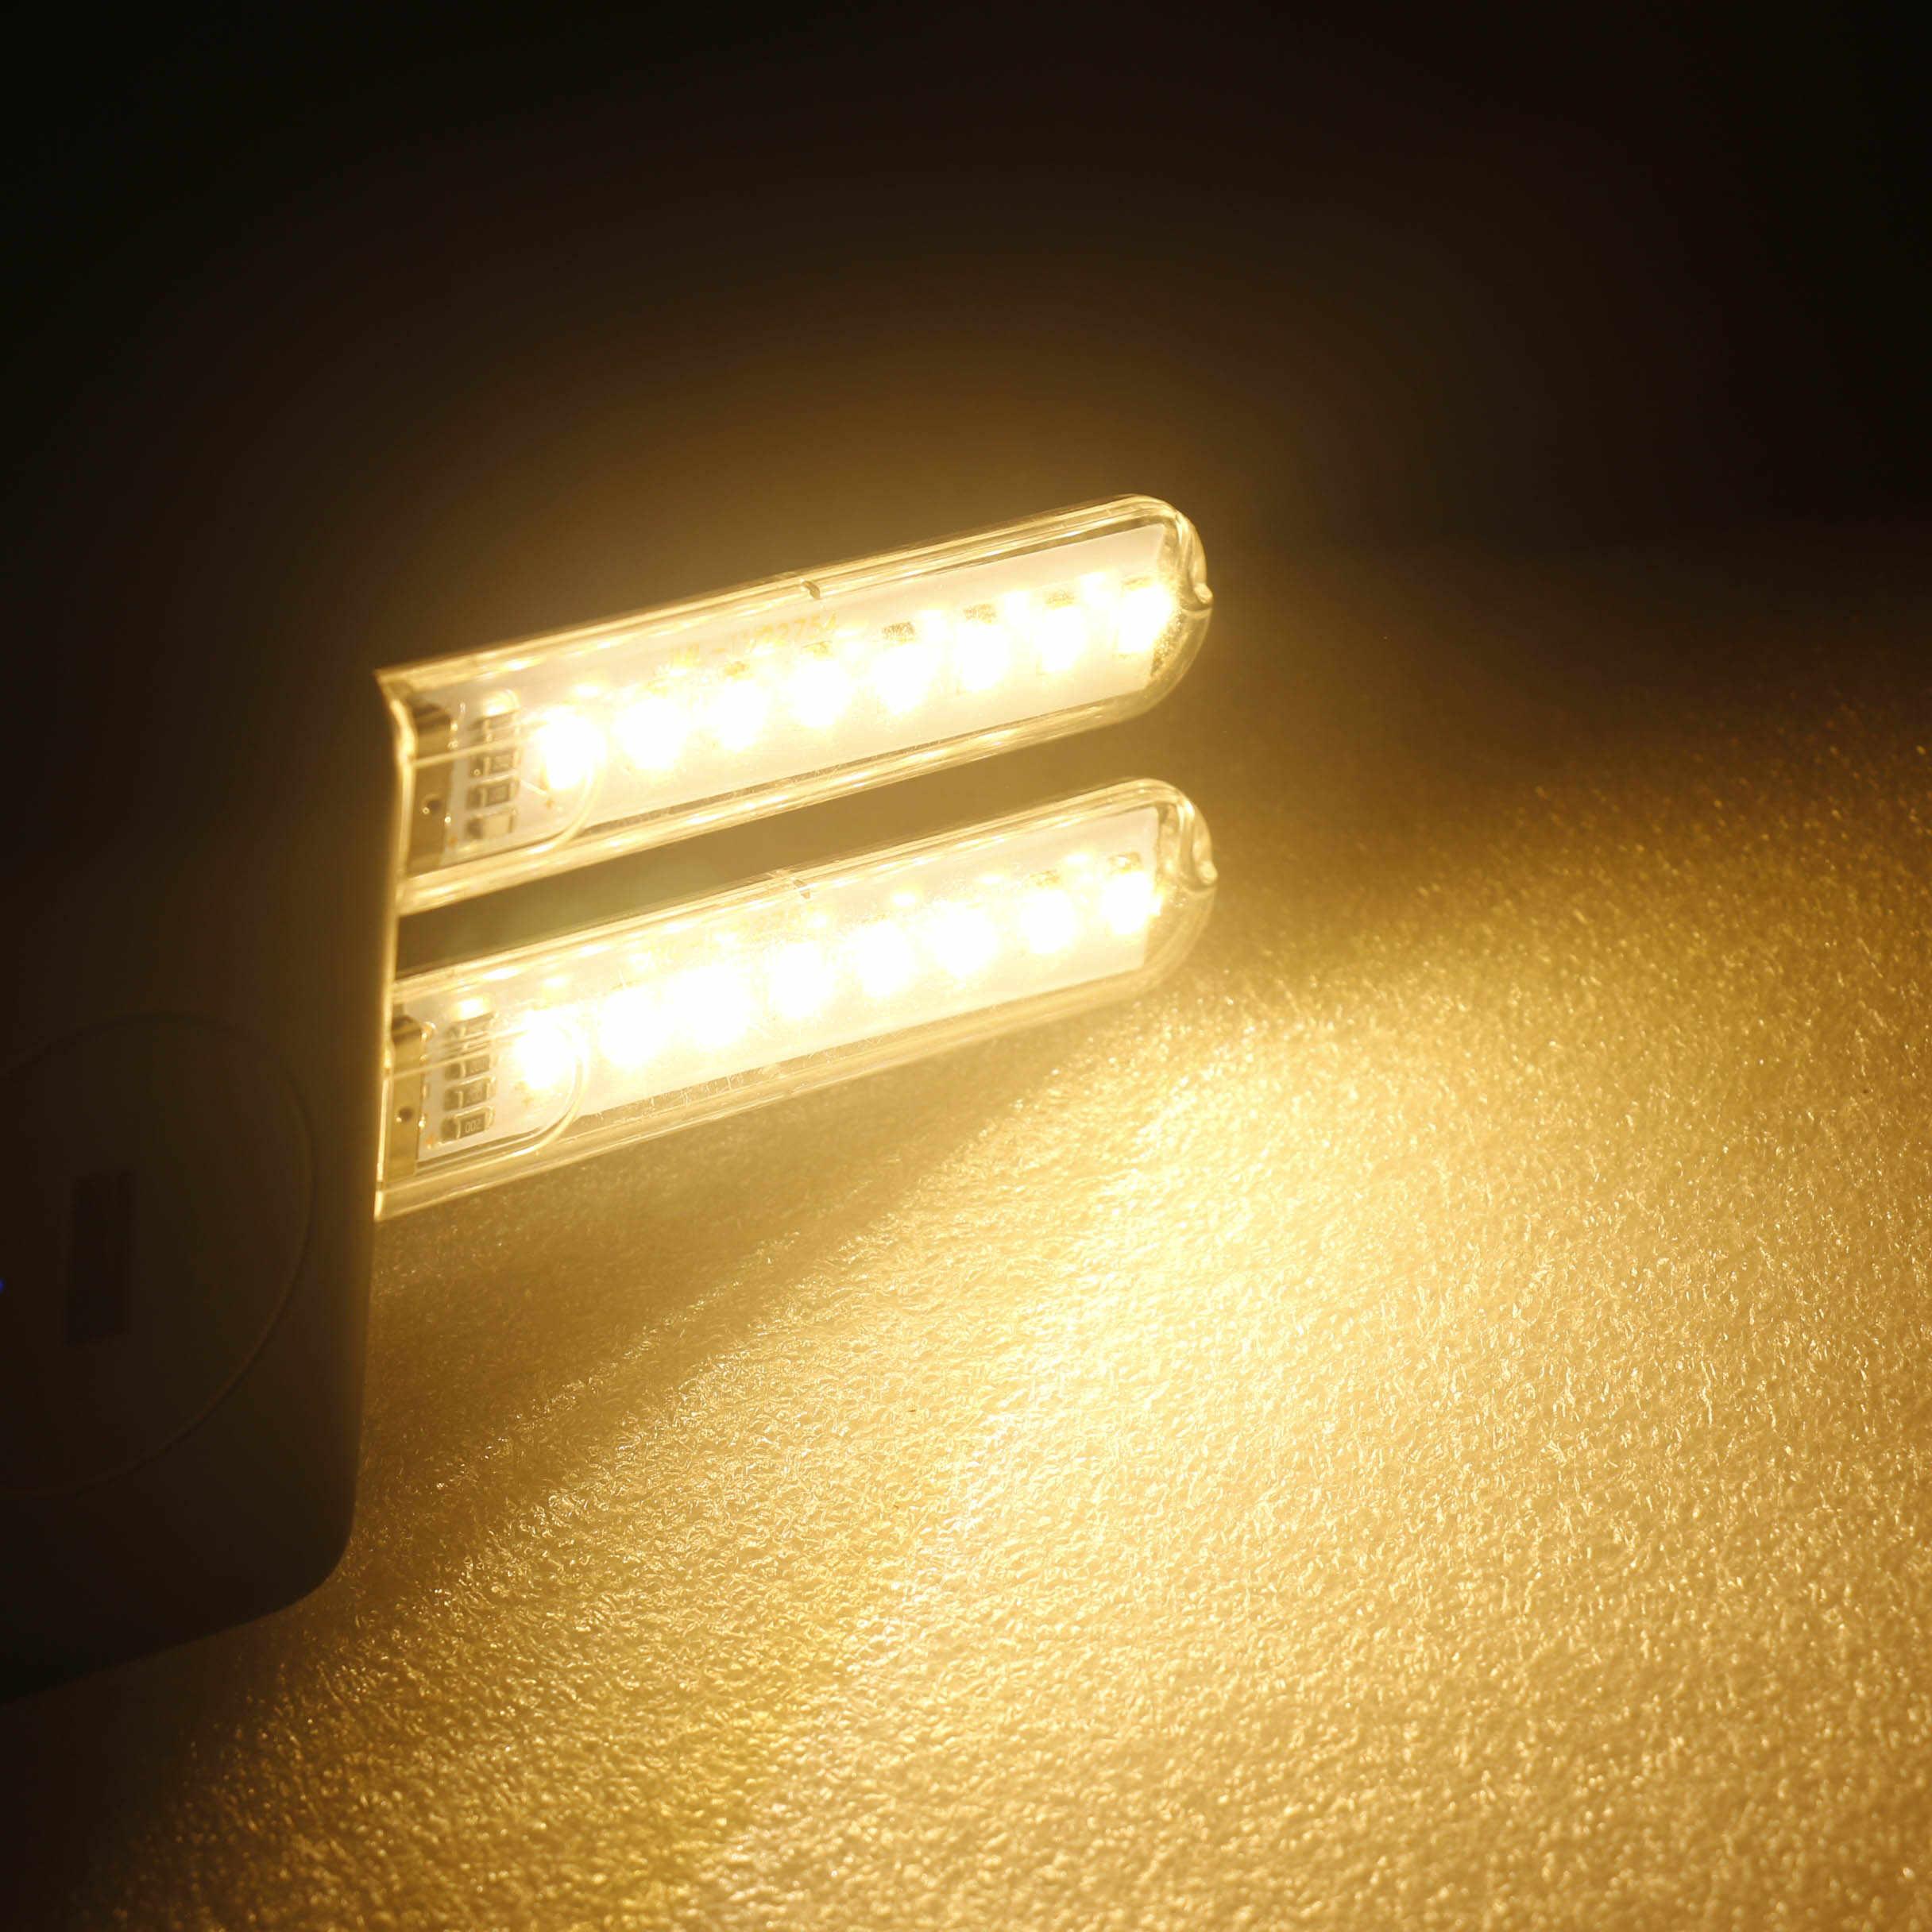 Mini 24 leds luz da noite 5 v usb 3 leds 8 livro de leitura de mesa luz da noite de acampamento luz do computador telefone móvel noite iluminação da estrada